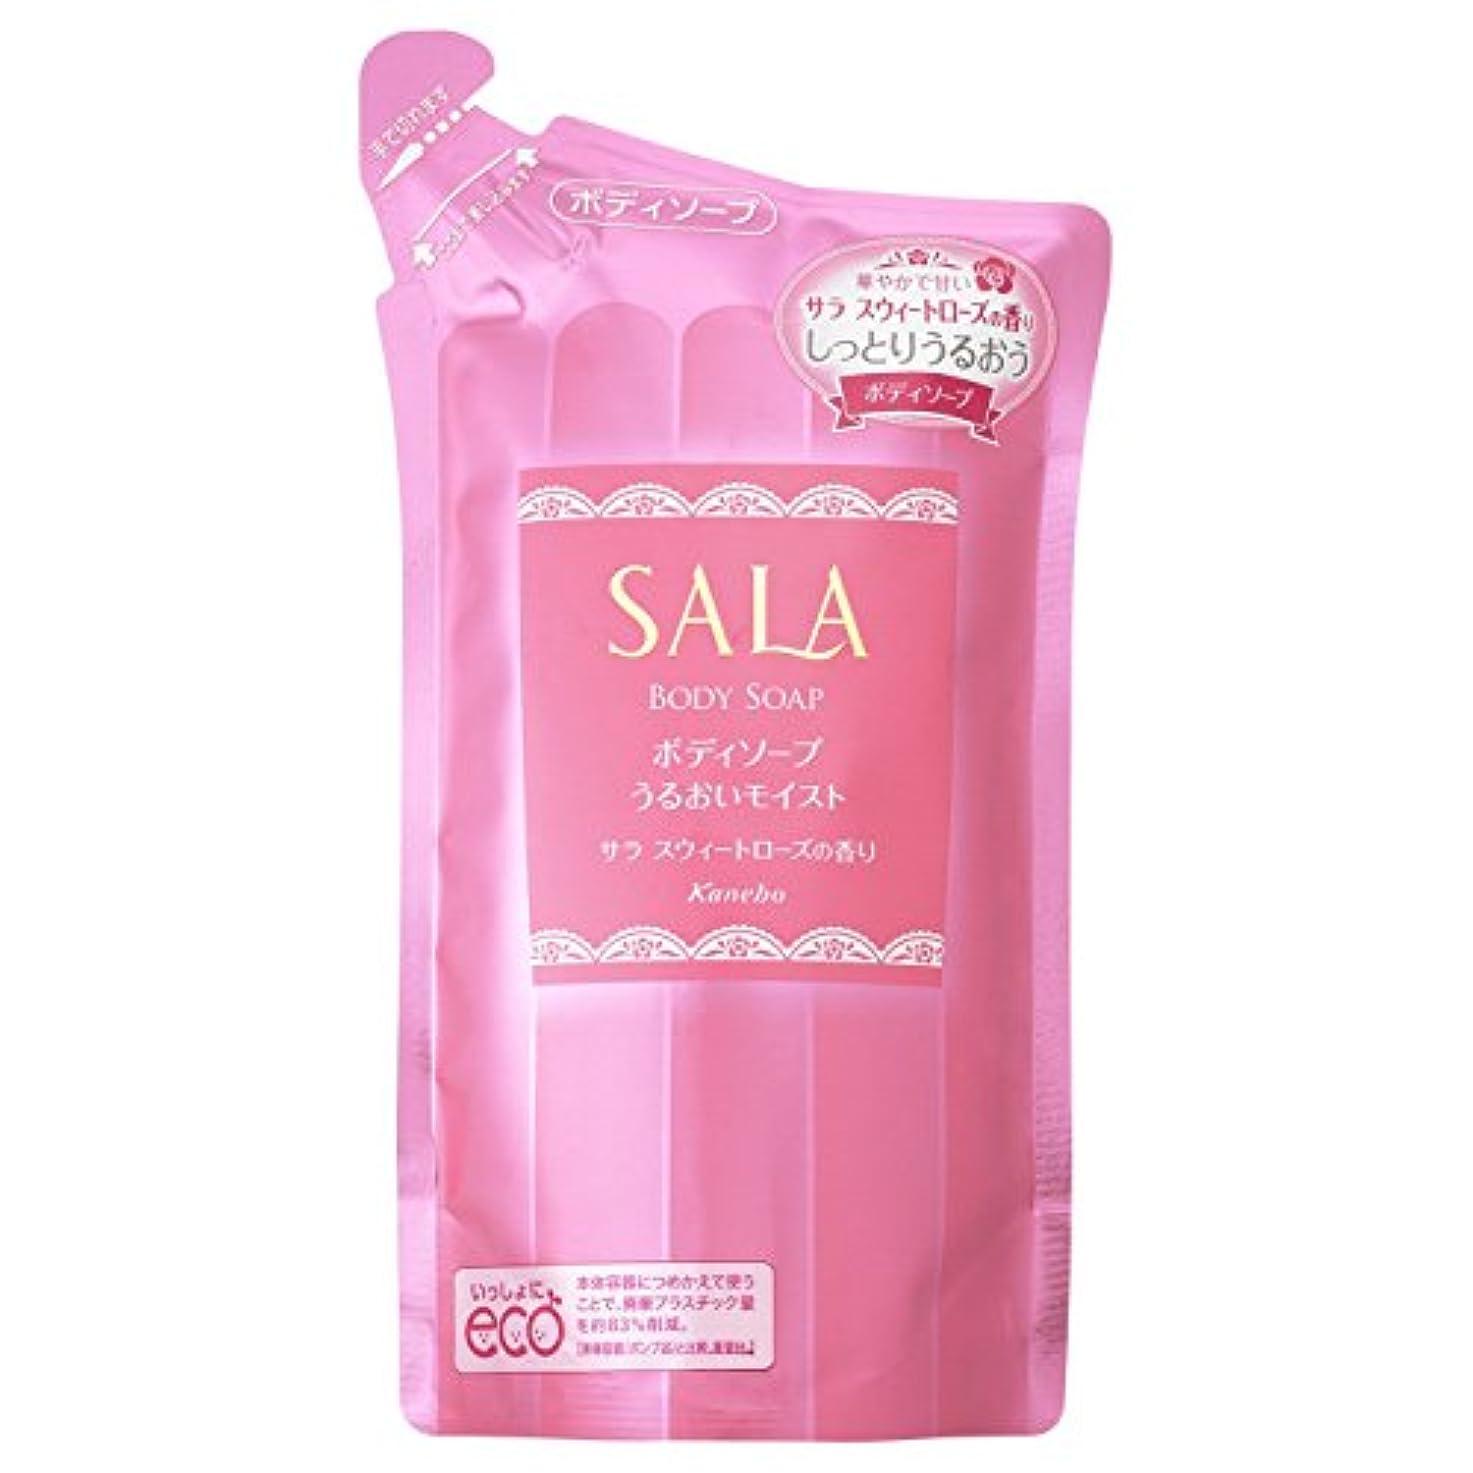 シャベル謝罪提案サラ ボディソープ うるおいモイスト つめかえ用 サラスウィートローズの香り